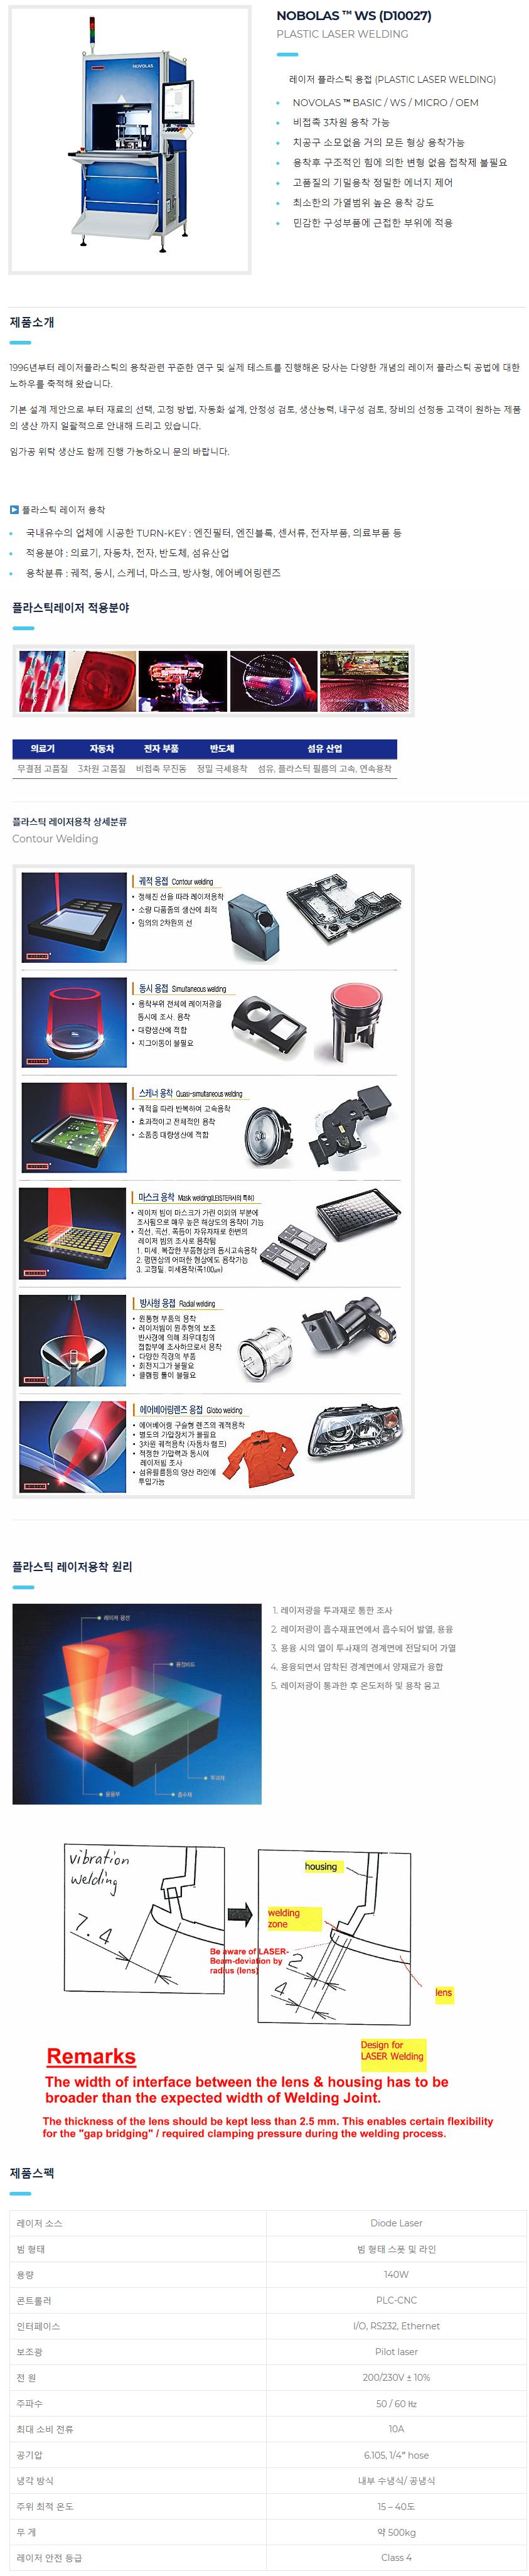 (주)예스레이저 레이저 플라스틱 용접기 NOBOLAS ™ WS (D10027)